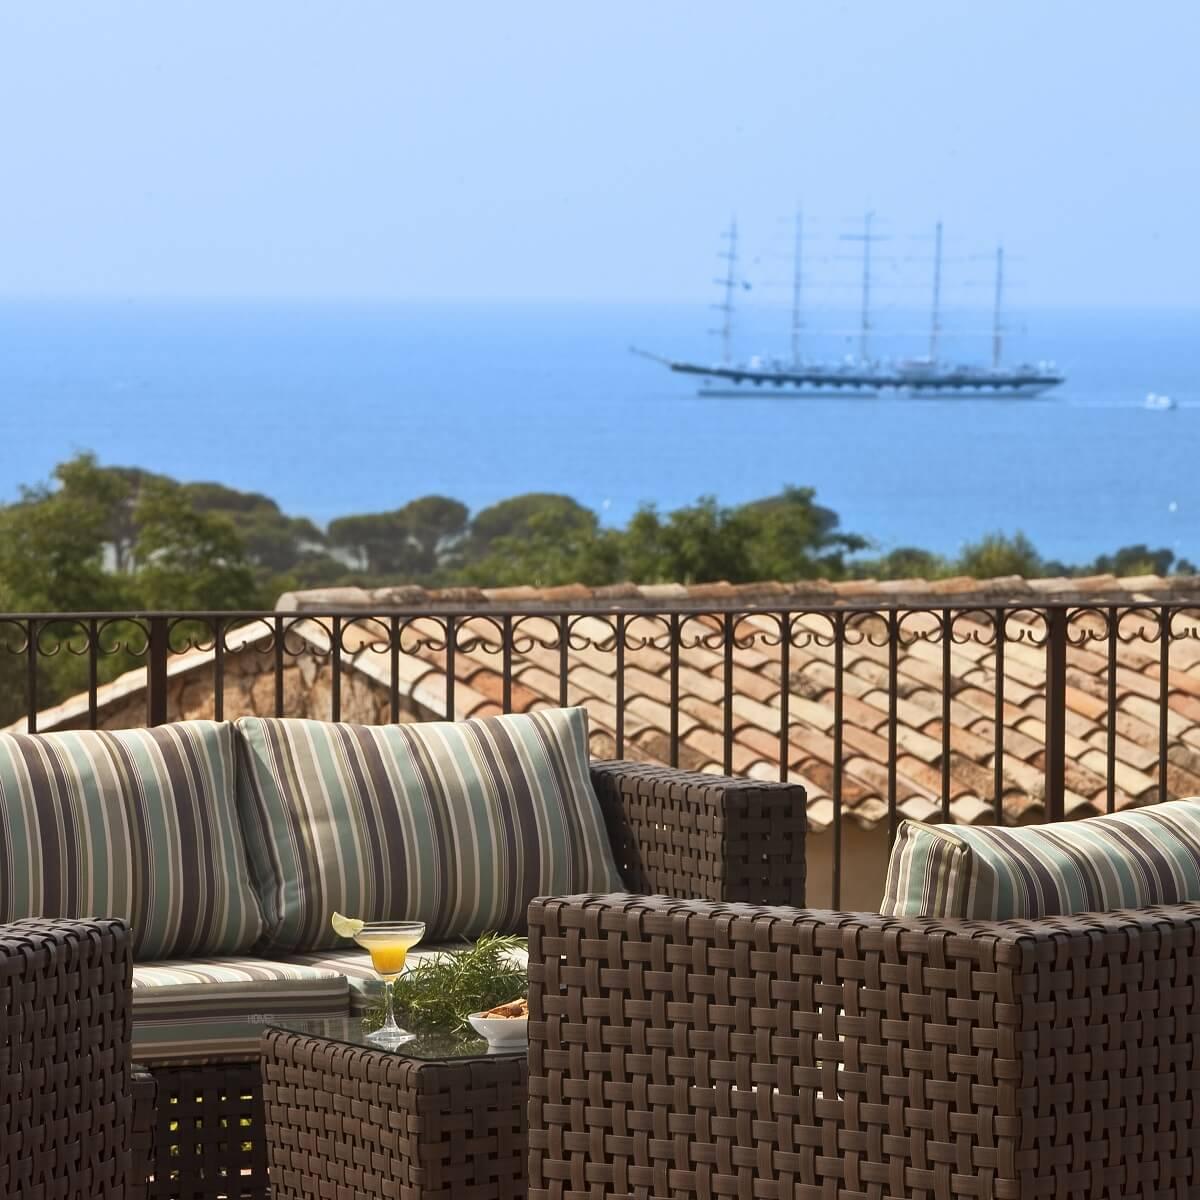 Terrasse - Hôtel Les Bergeries de Palombaggia - Porto-Vechhio - Corse du Sud